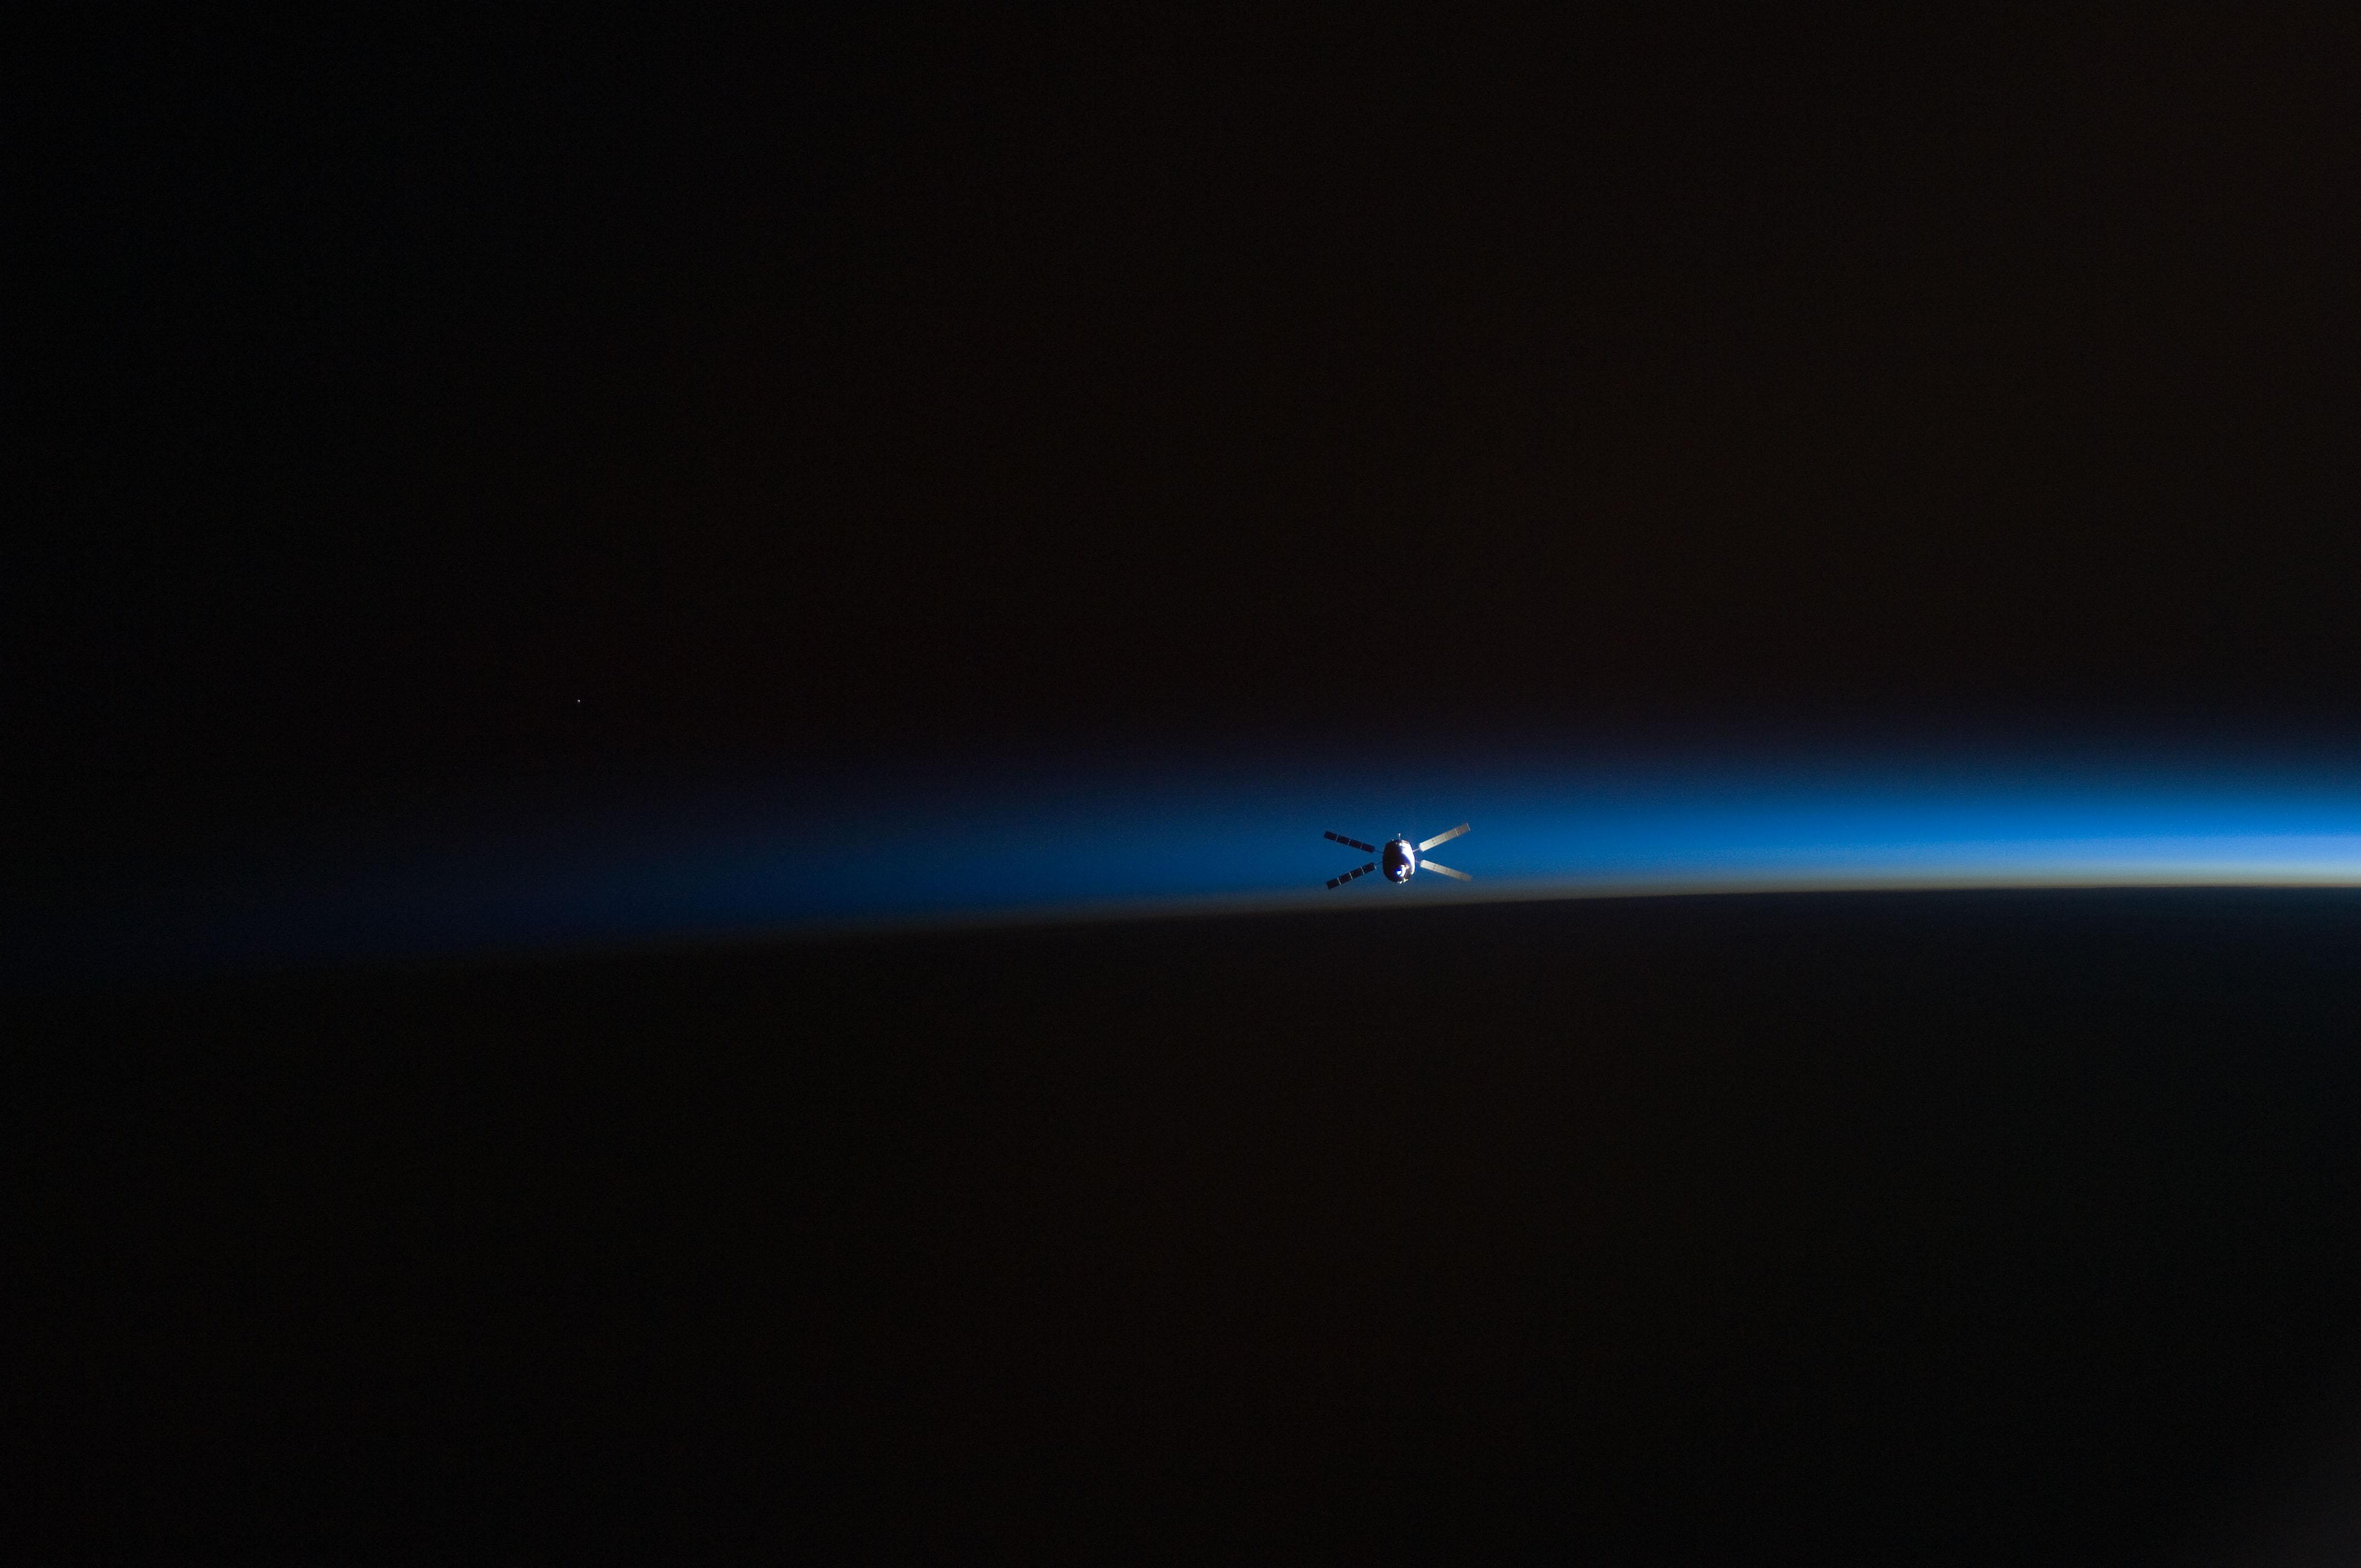 как выглядит спутник с земли ночью фото перепечатывать настраивать